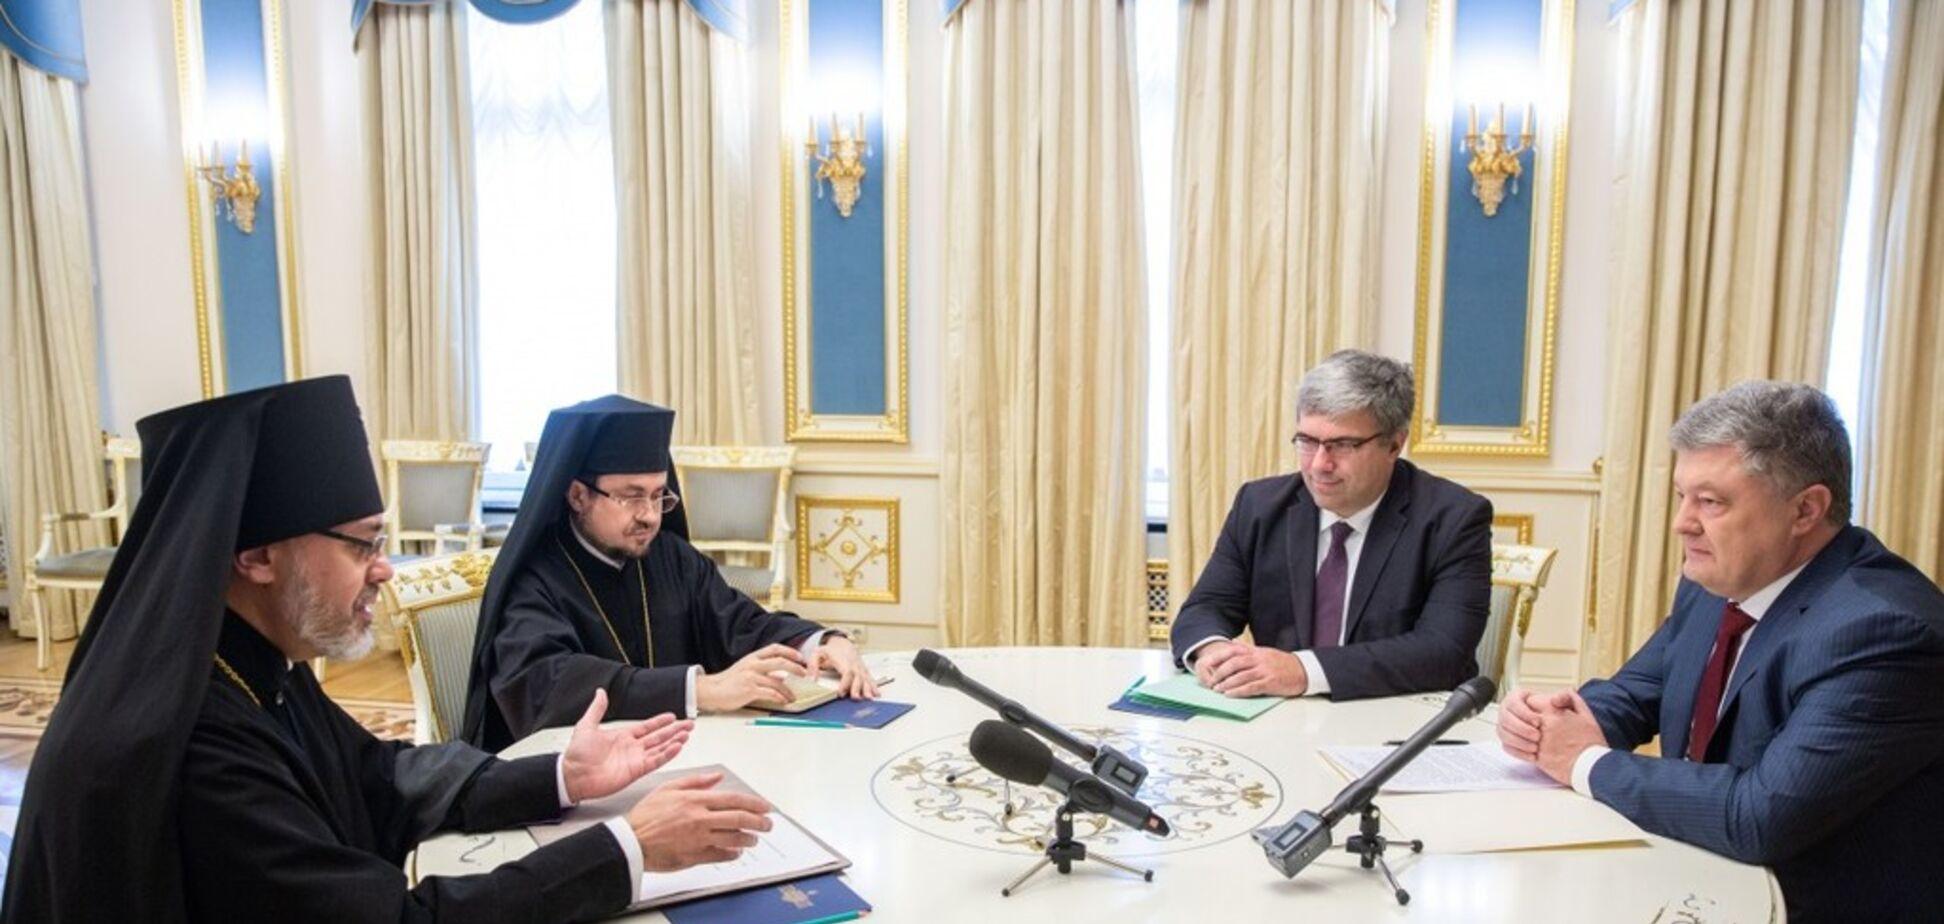 'Ім'я вписано золотими літерами': єпископ порівняв Порошенка із Ярославом Мудрим